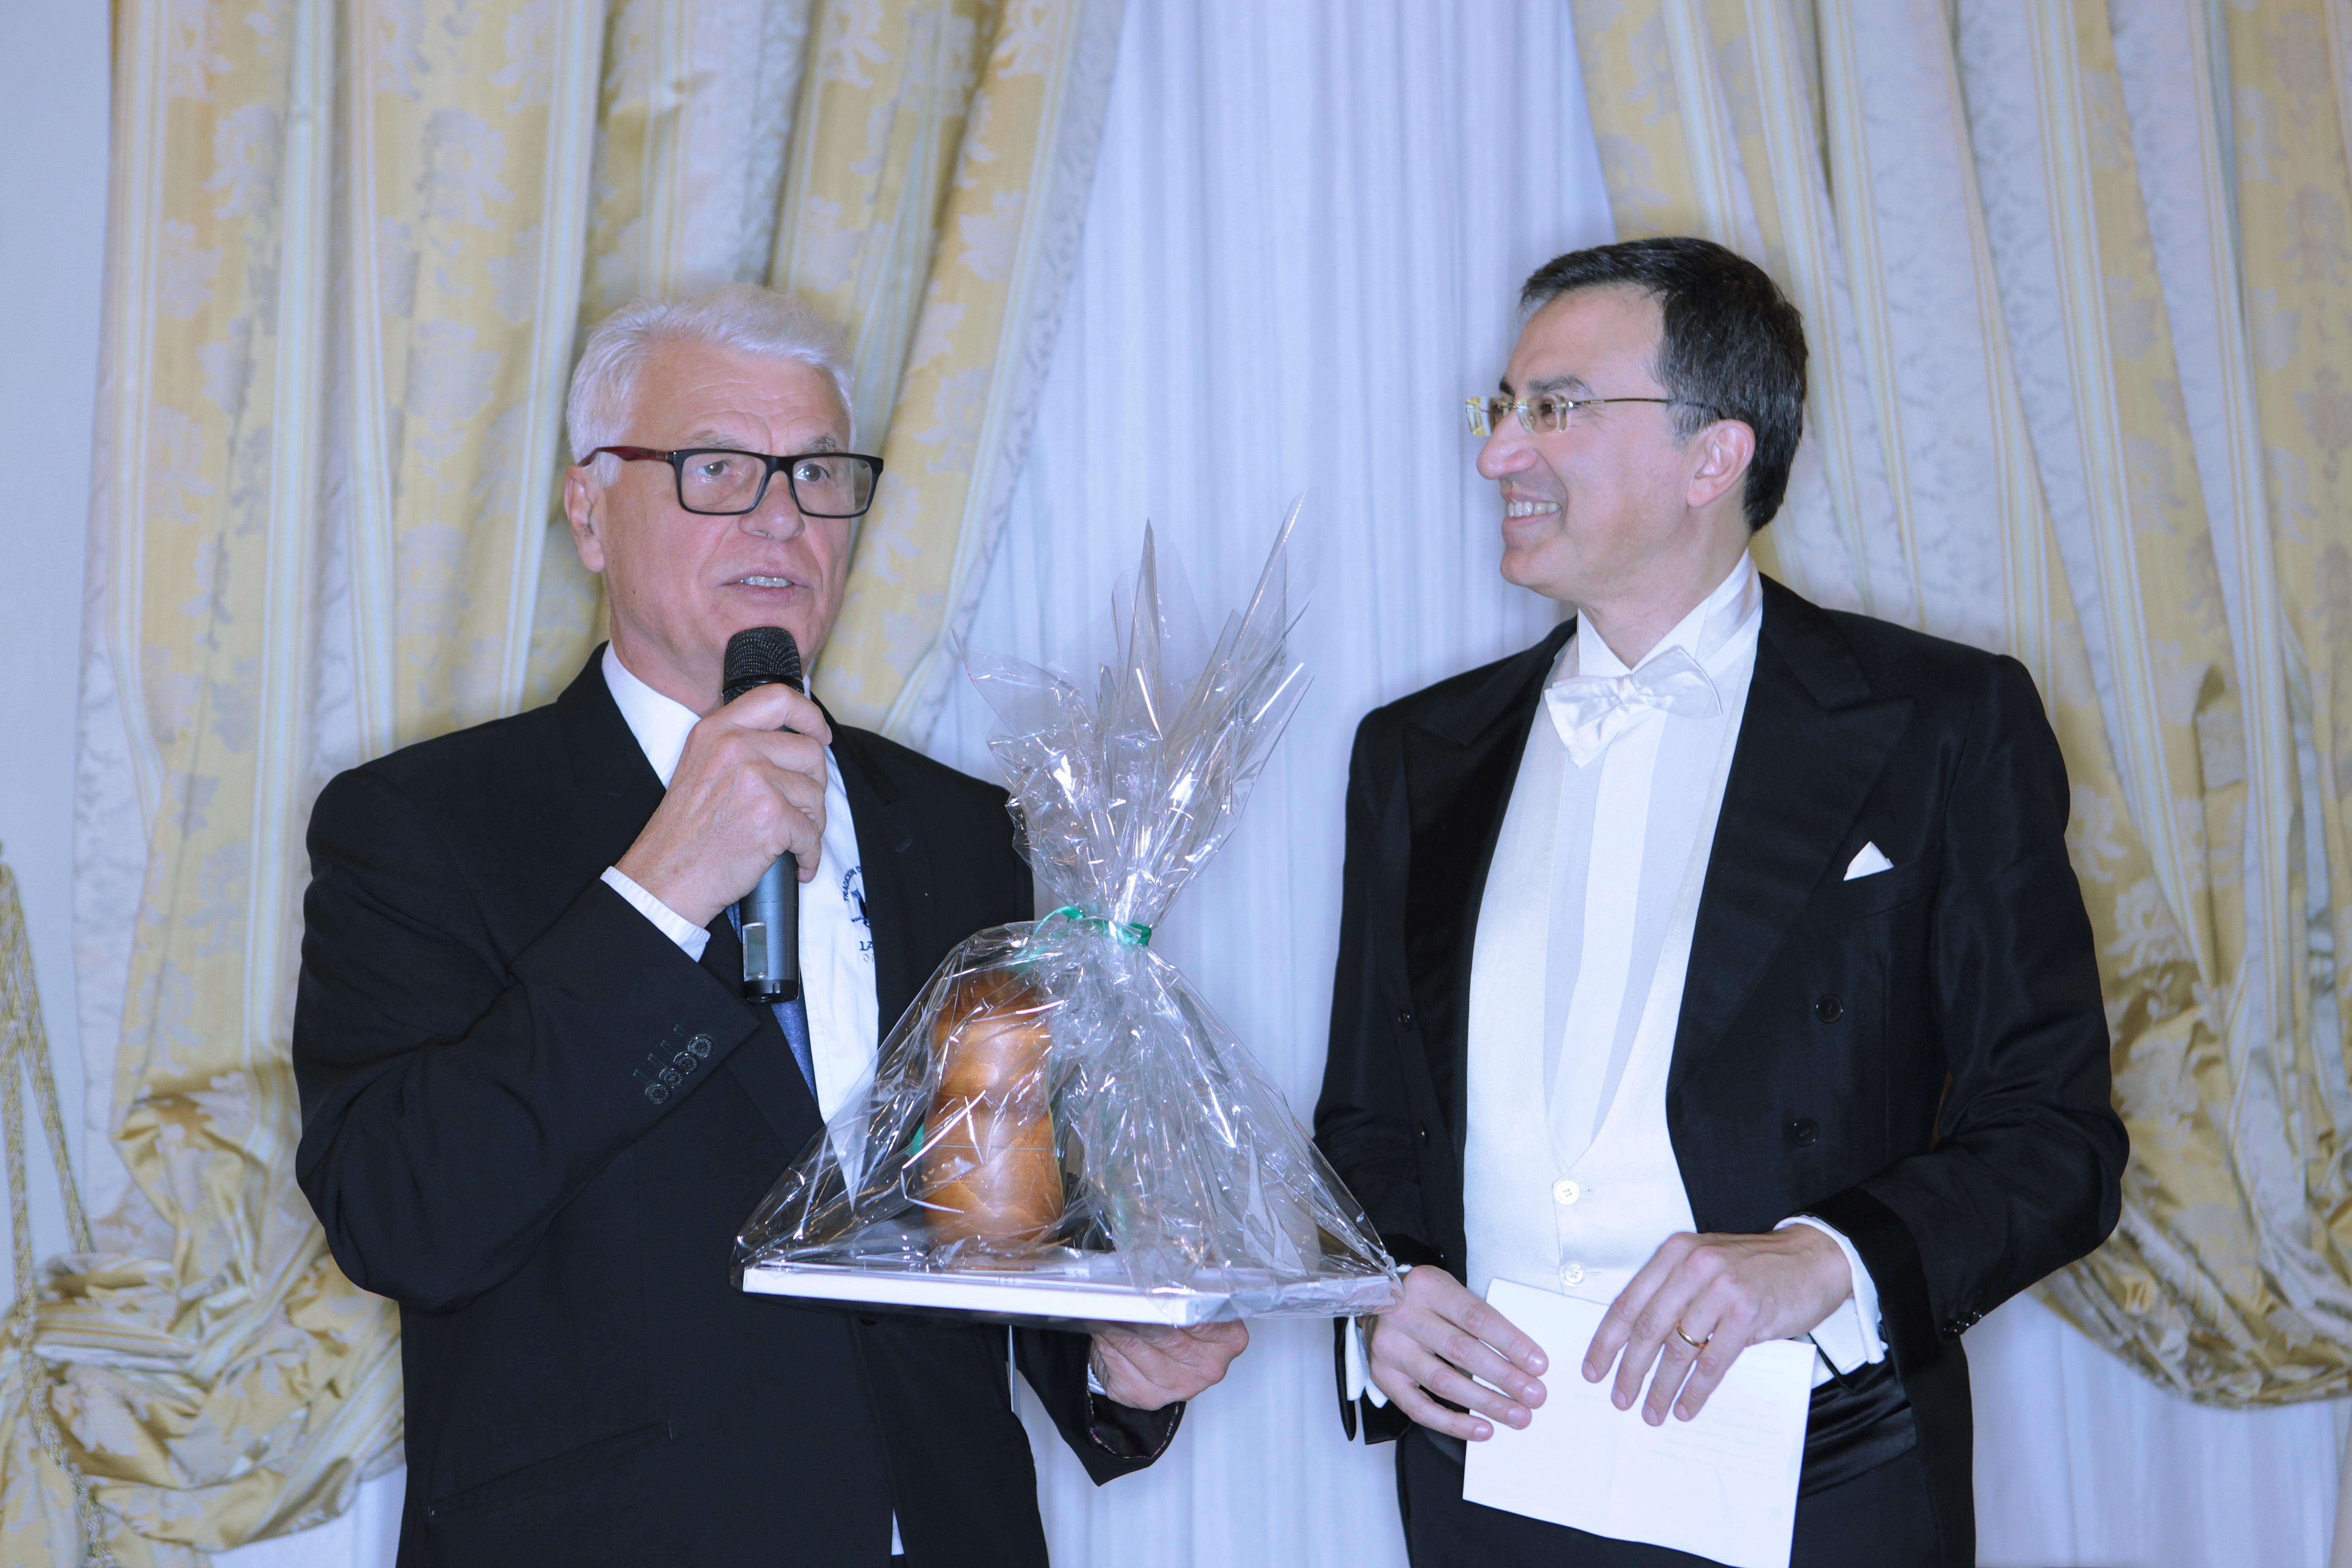 L'attore Michele Placido, a sinistra, con uno degli organizzatori Nino Graziano Luca\n